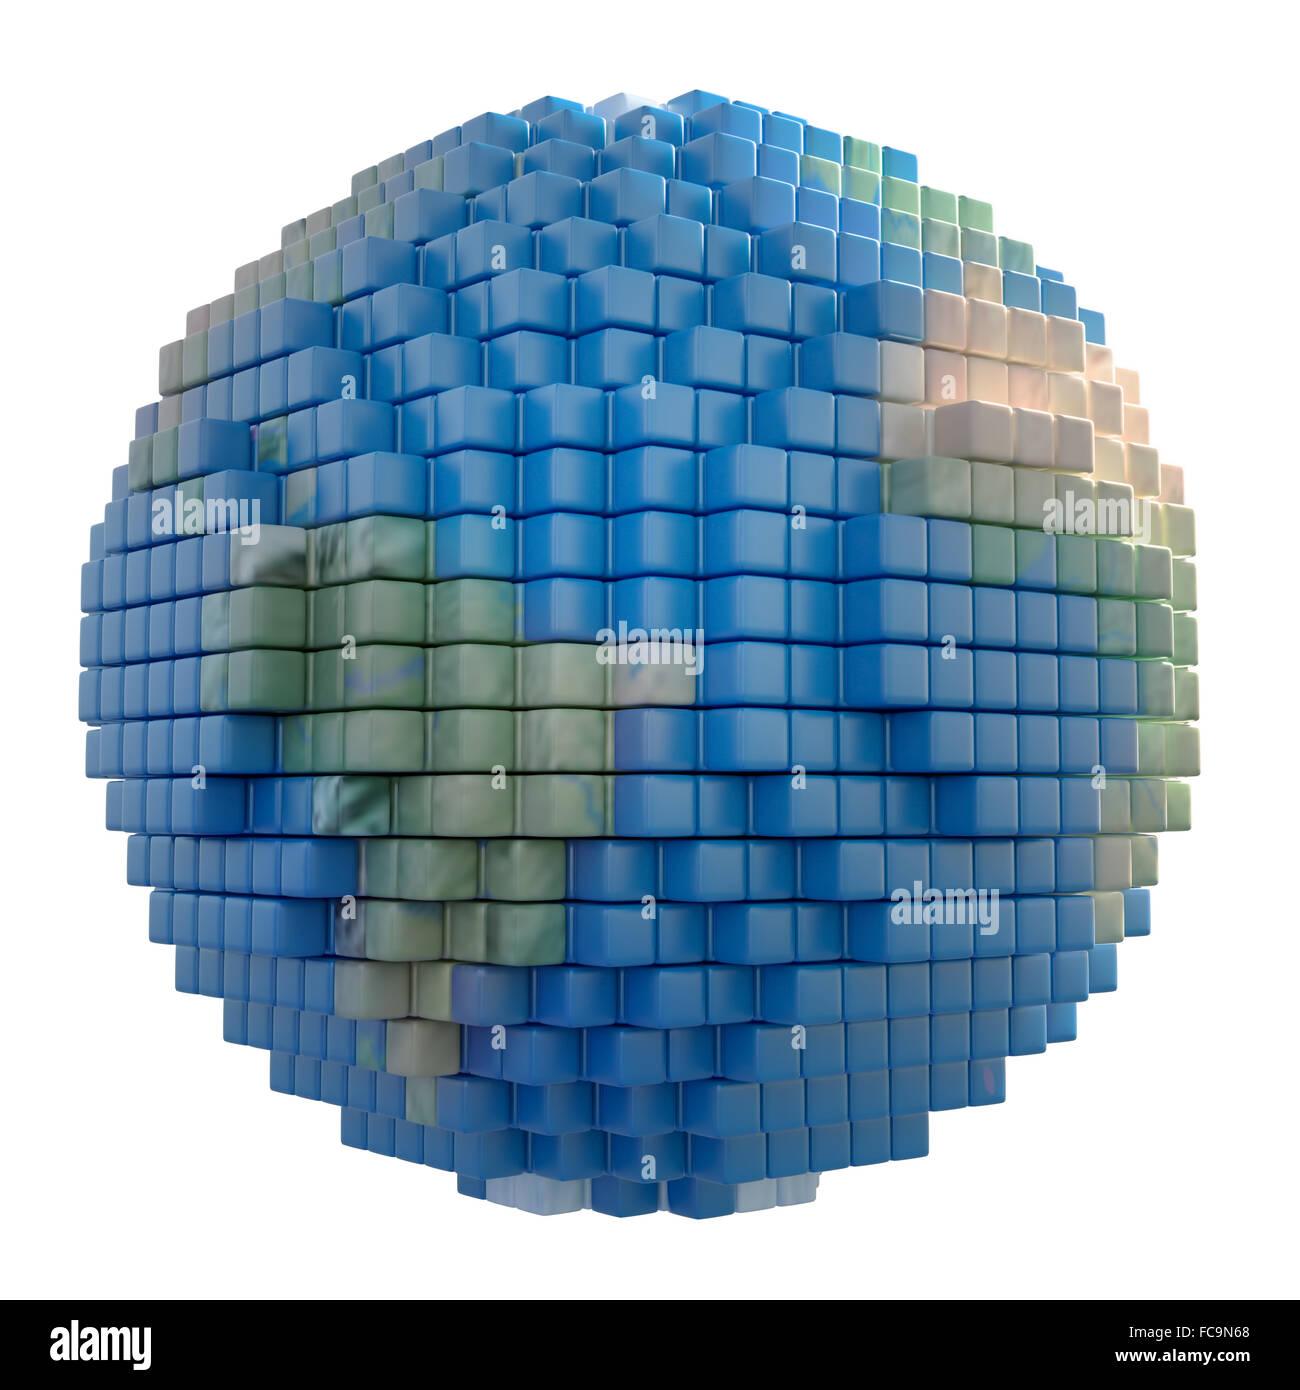 Erdkugel gemacht aus Voxel 3d Würfel Stockbild